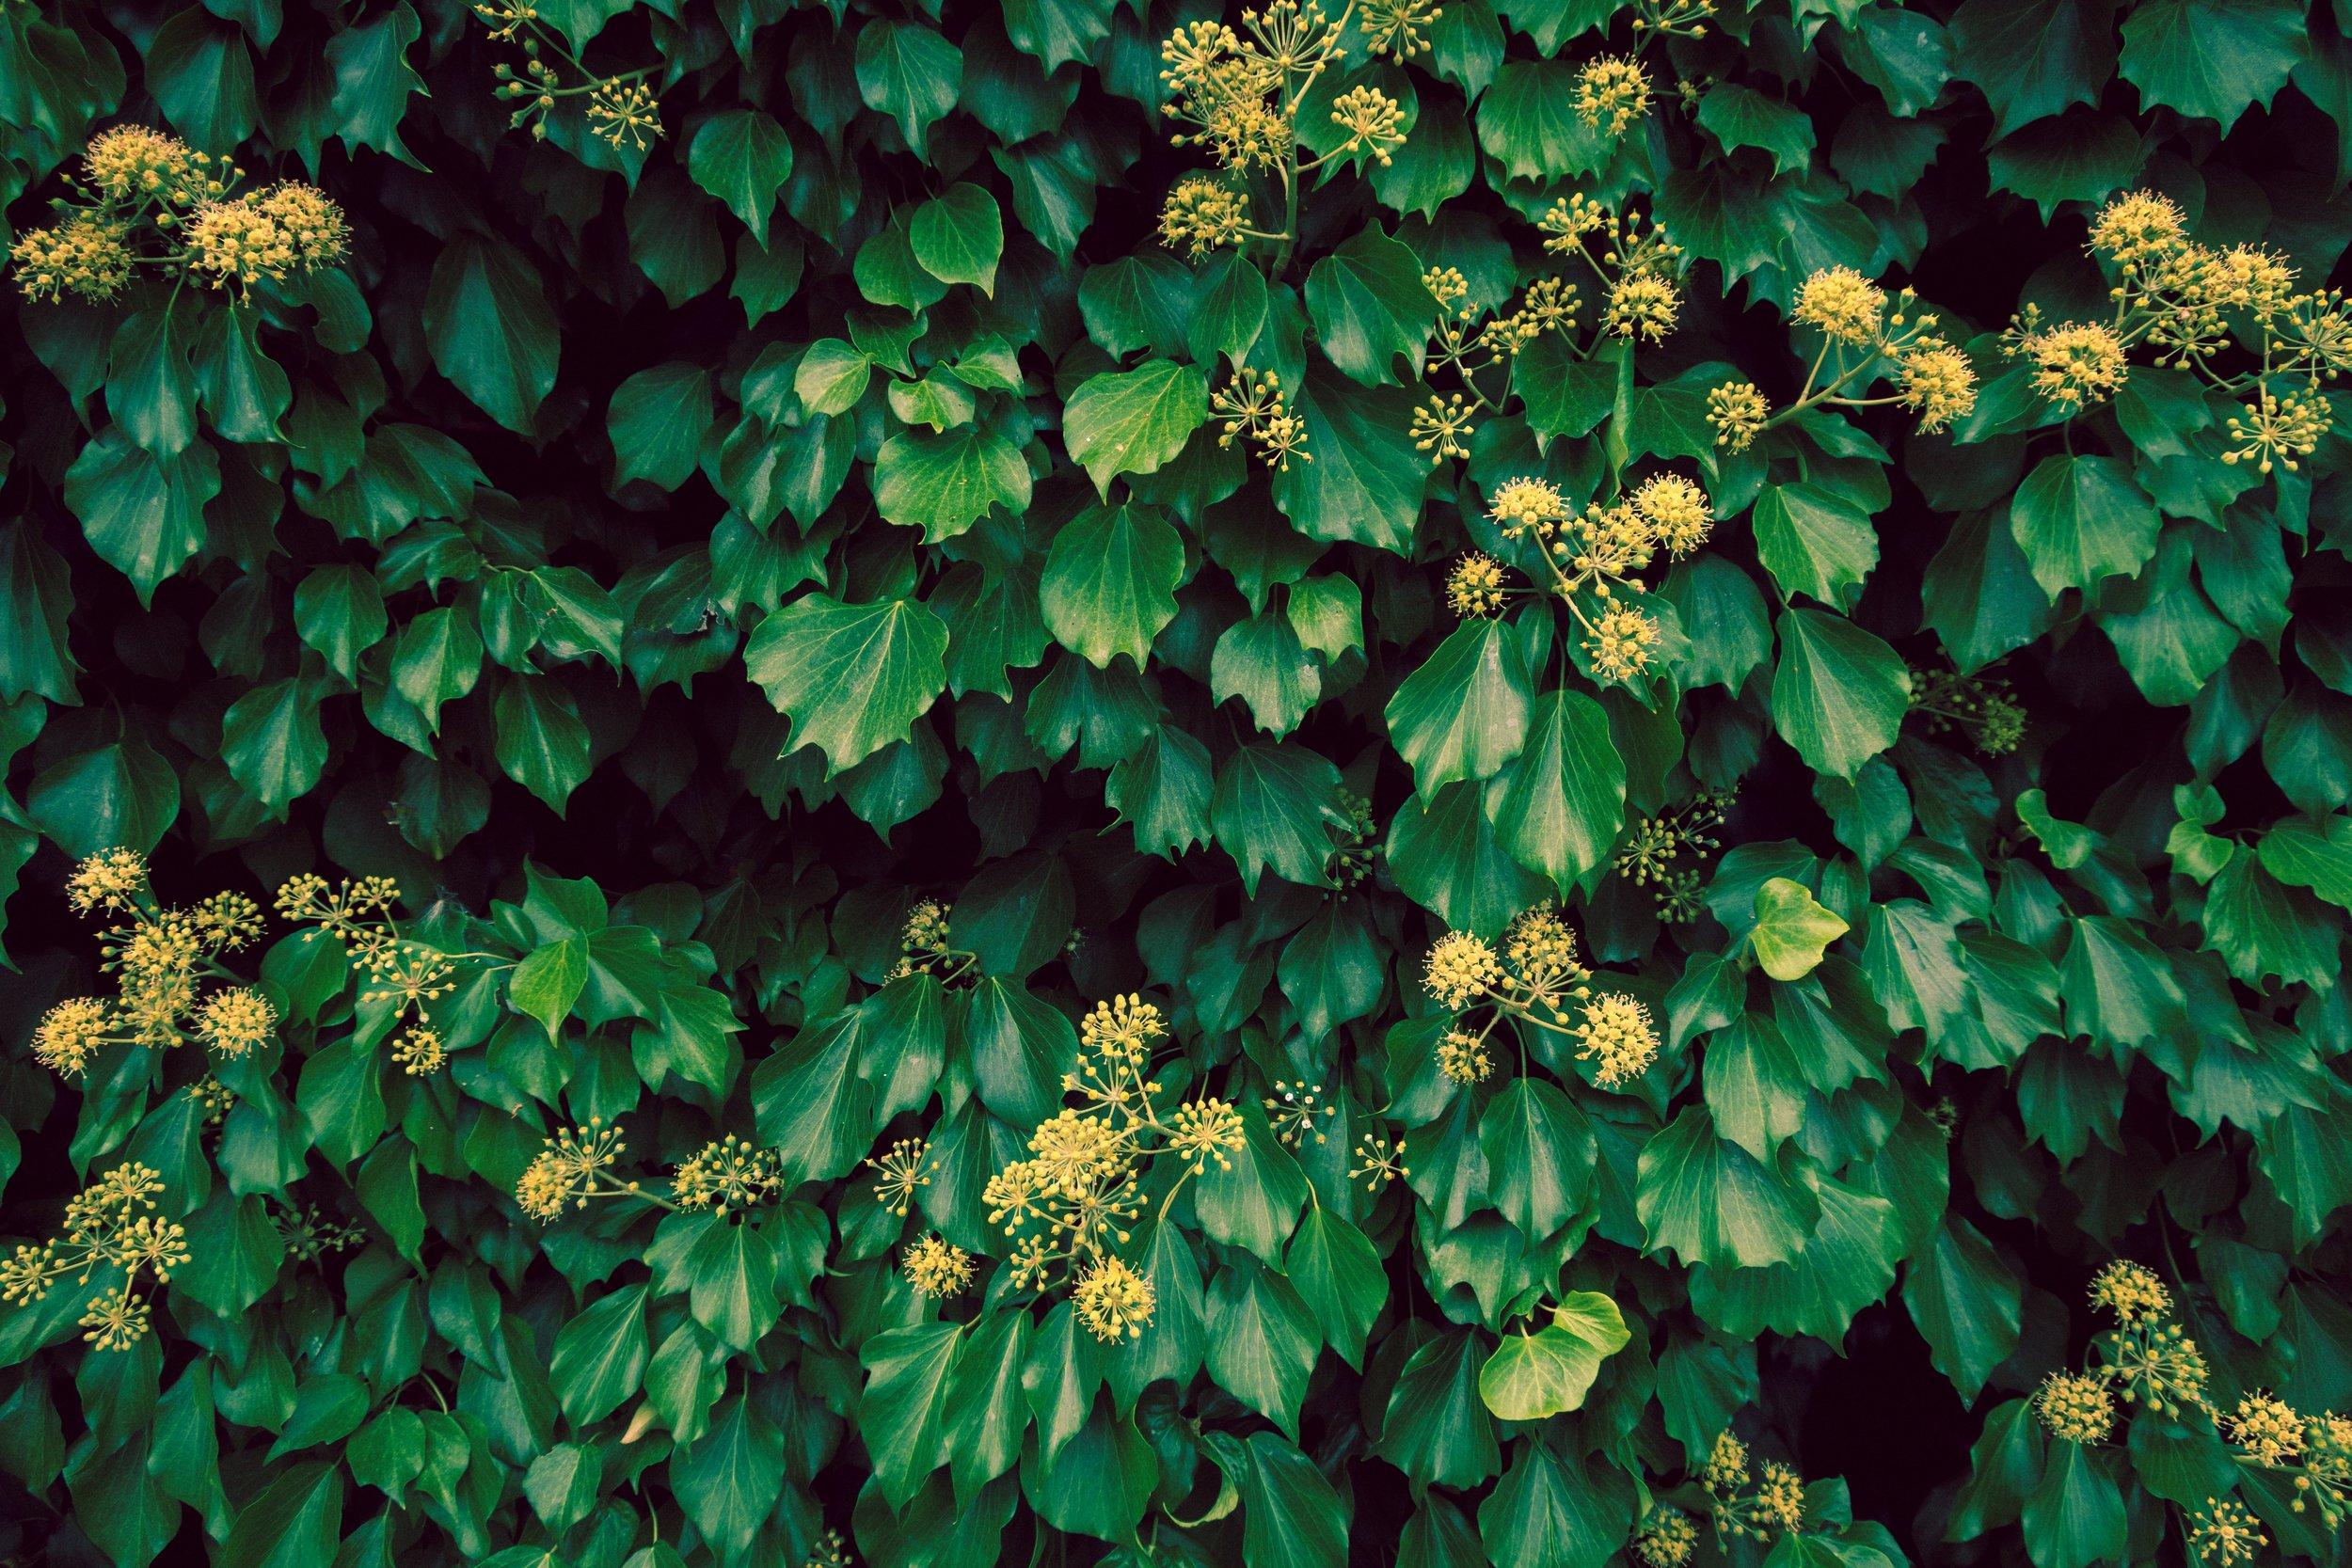 Vines in bloom | G9X II